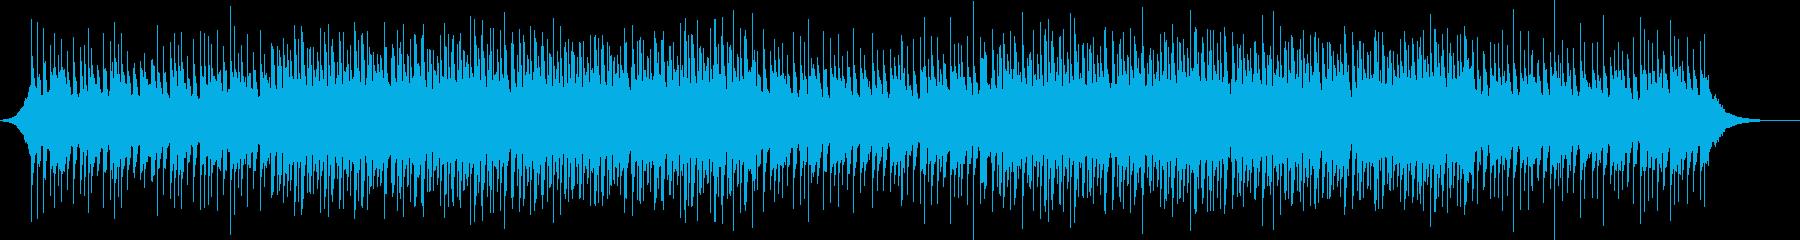 EDM・疾走感・爽やか・パワフル・楽しいの再生済みの波形